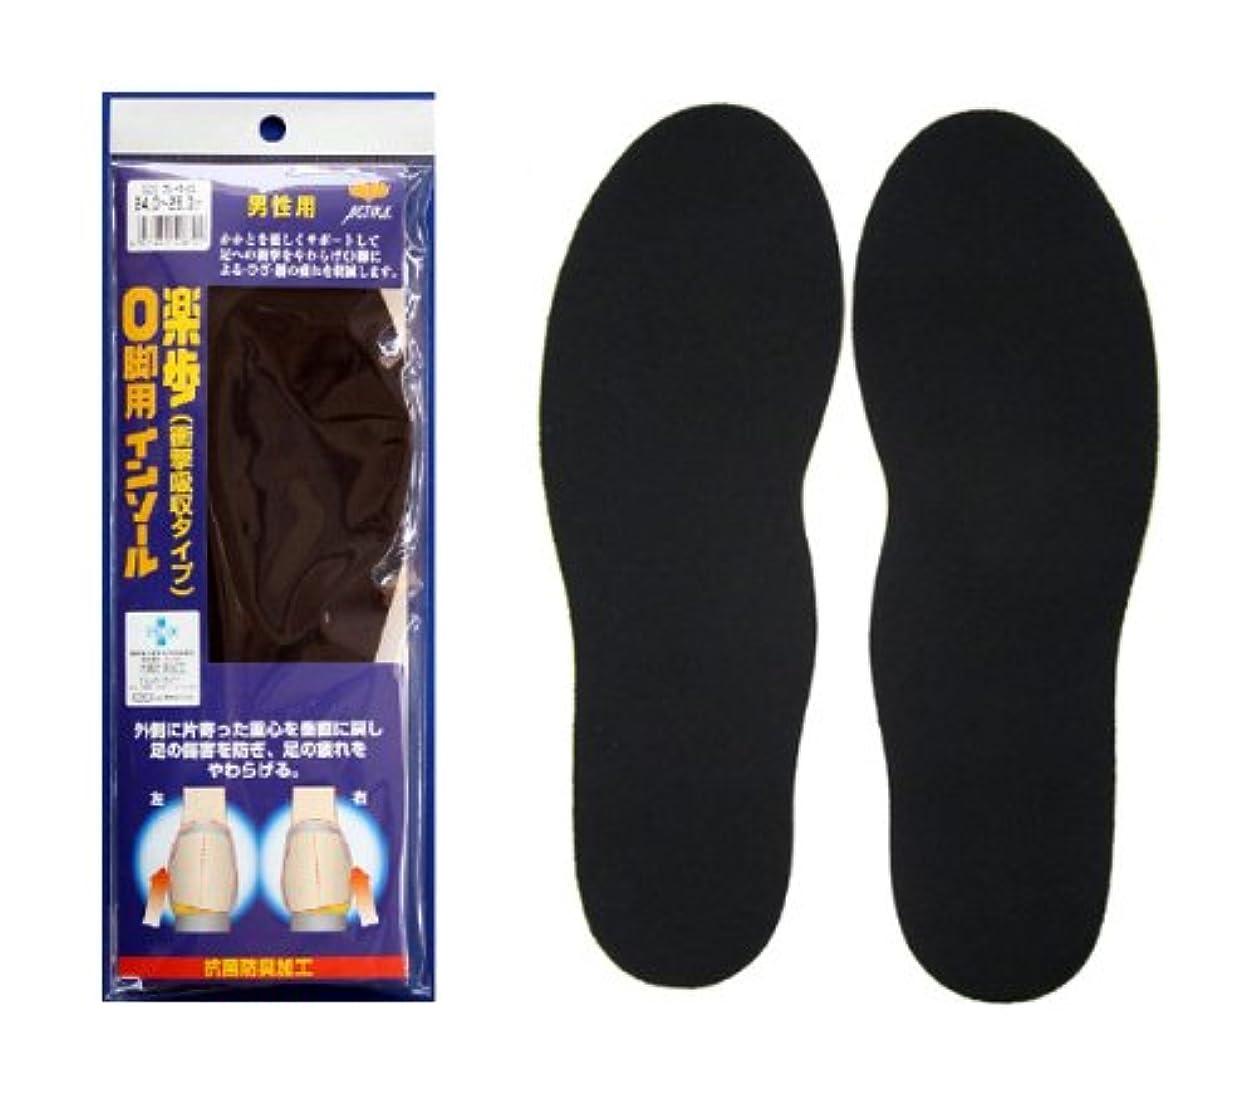 ホイットニー確執追い払う楽歩 O脚用インソール 男性用(24.0~28.0cm) 2足セット  No.162